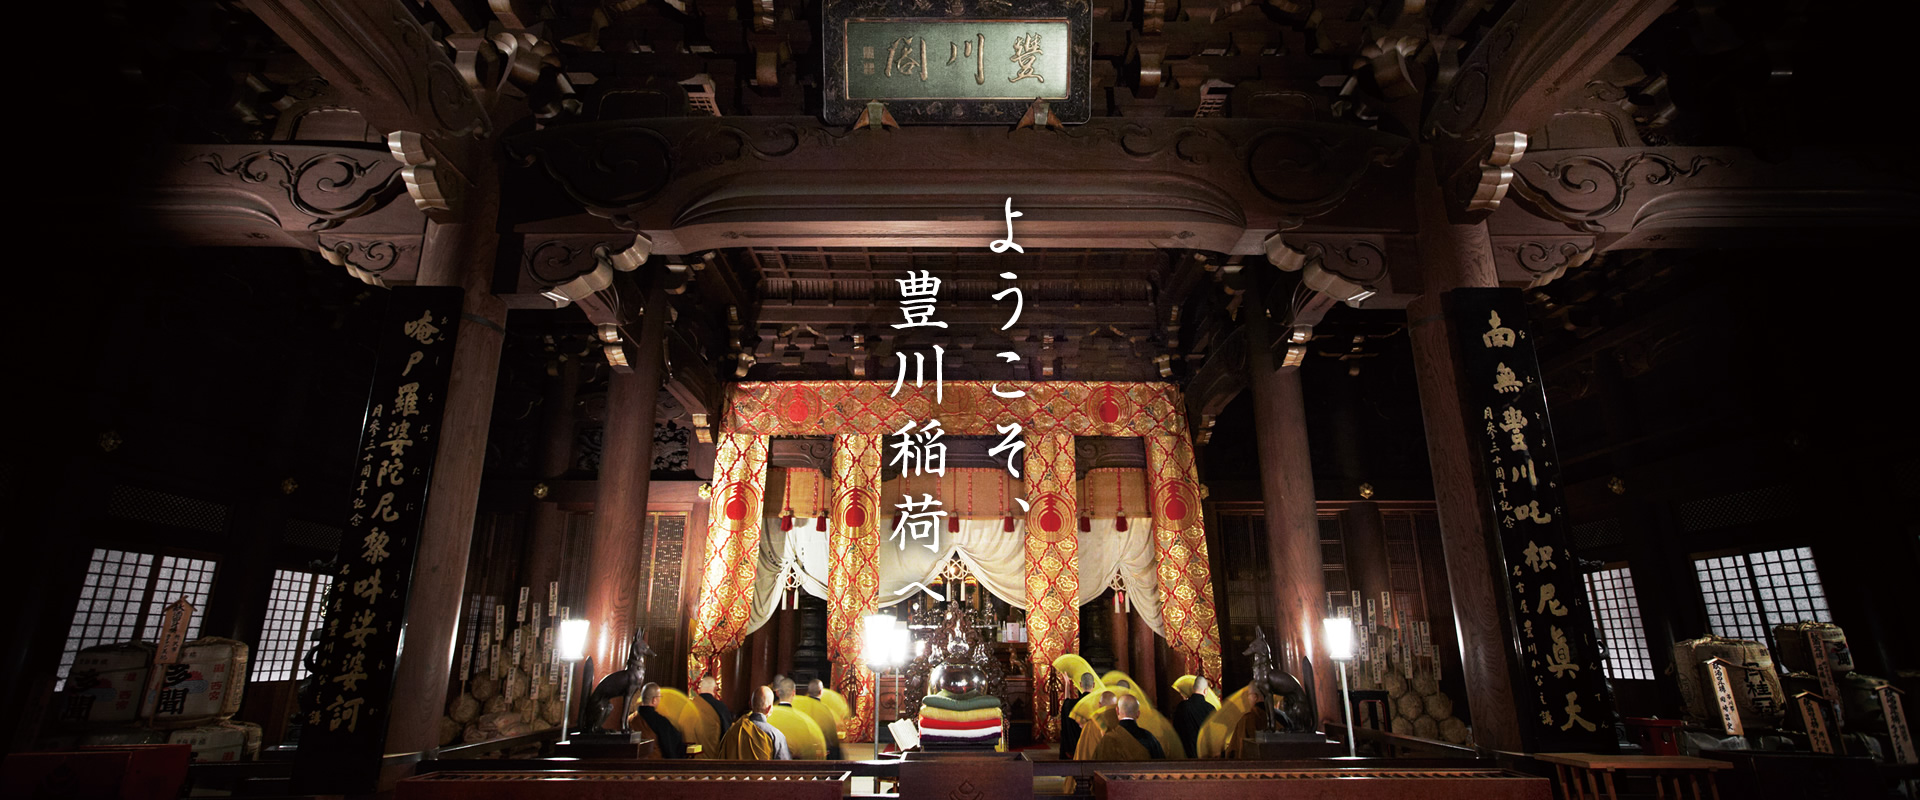 豊川稲荷 | 愛知県豊川市にある曹洞宗の寺院 豊川稲荷略縁起